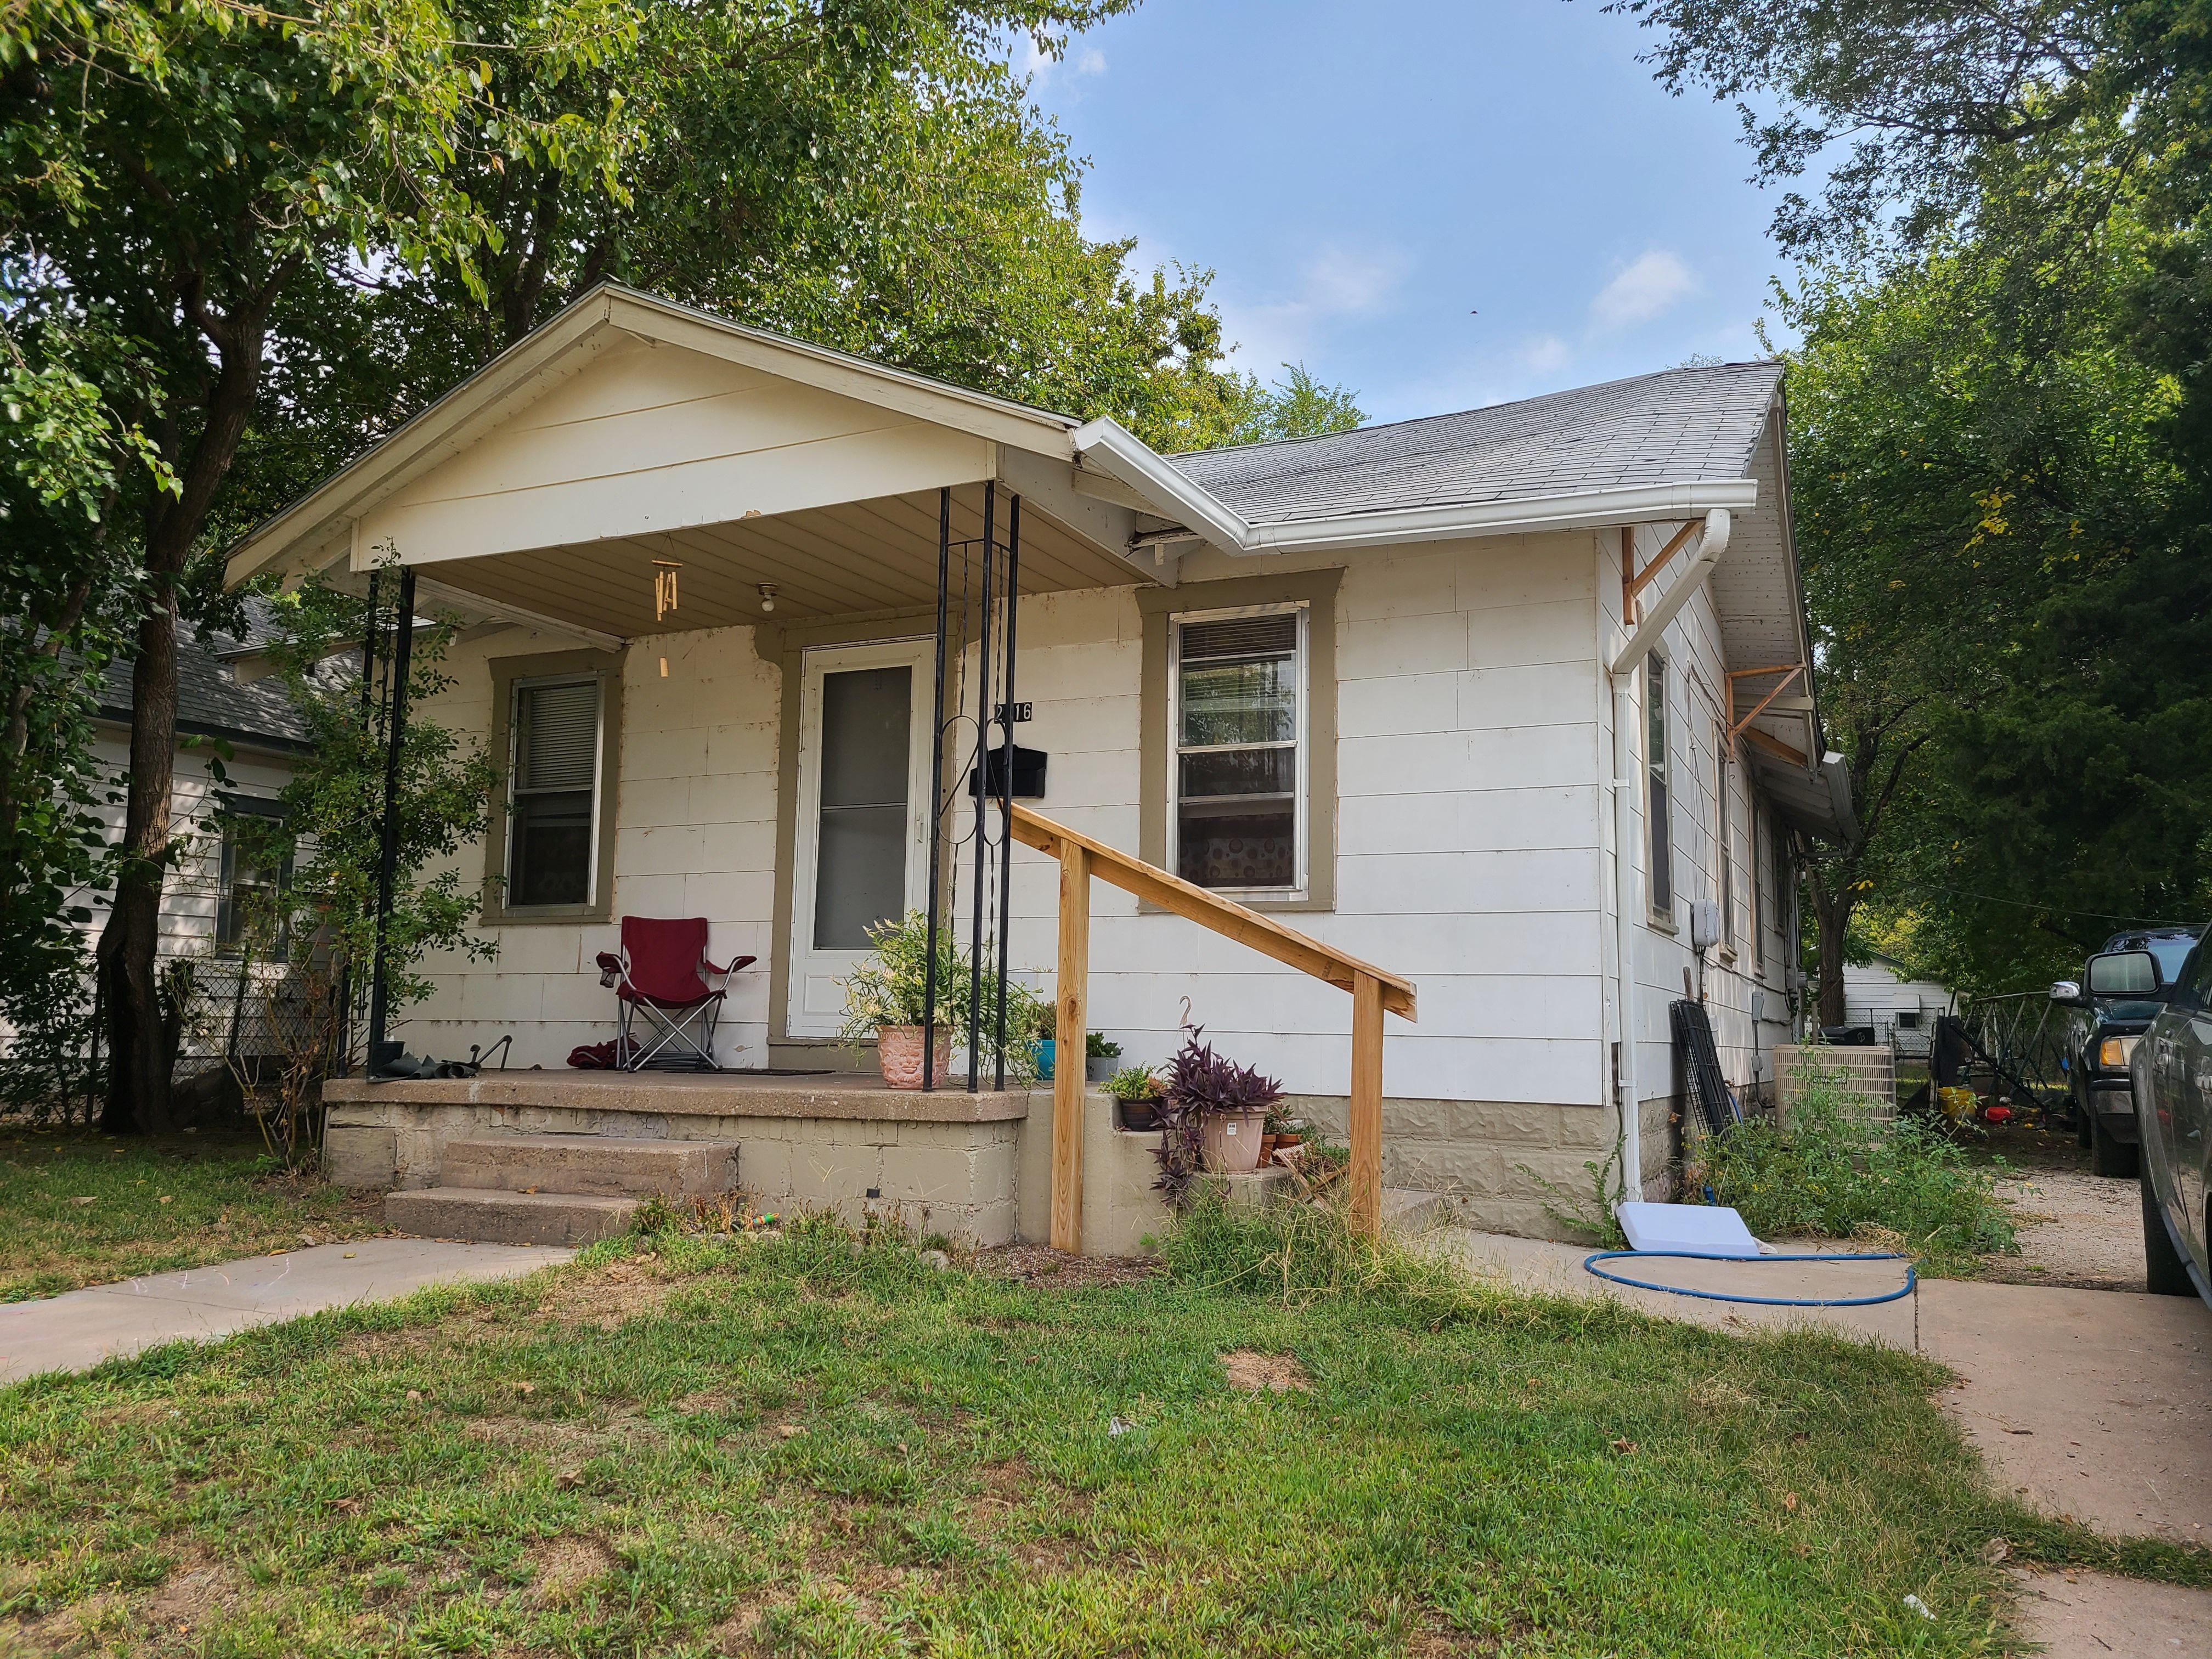 2116 S Wichita St, Wichita, KS